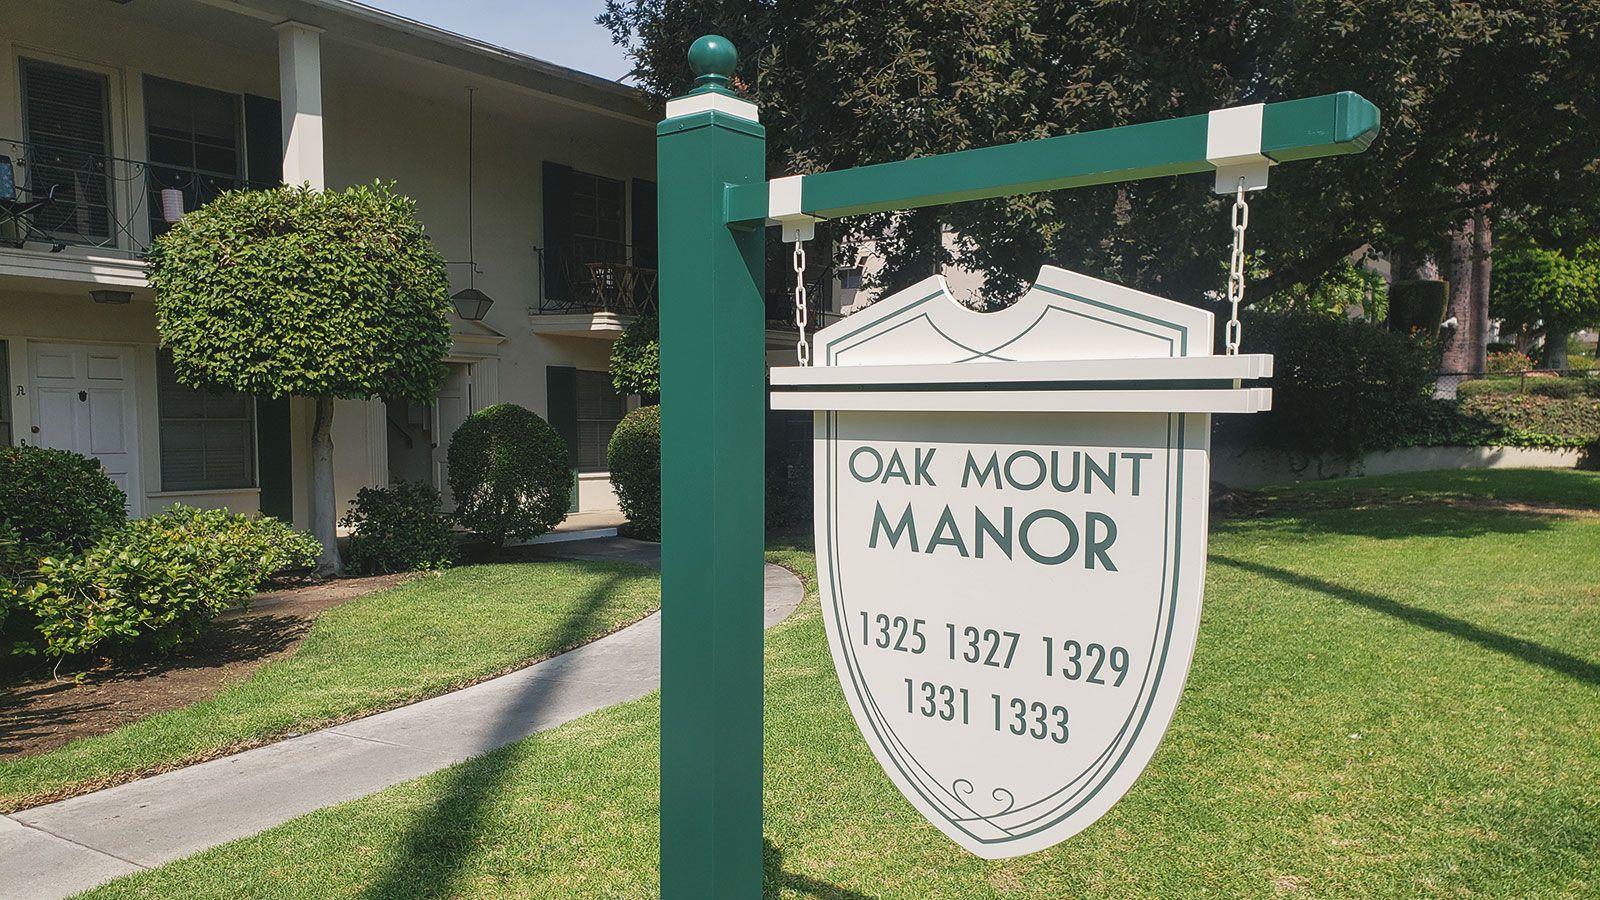 Oak mount manor outdoor sign